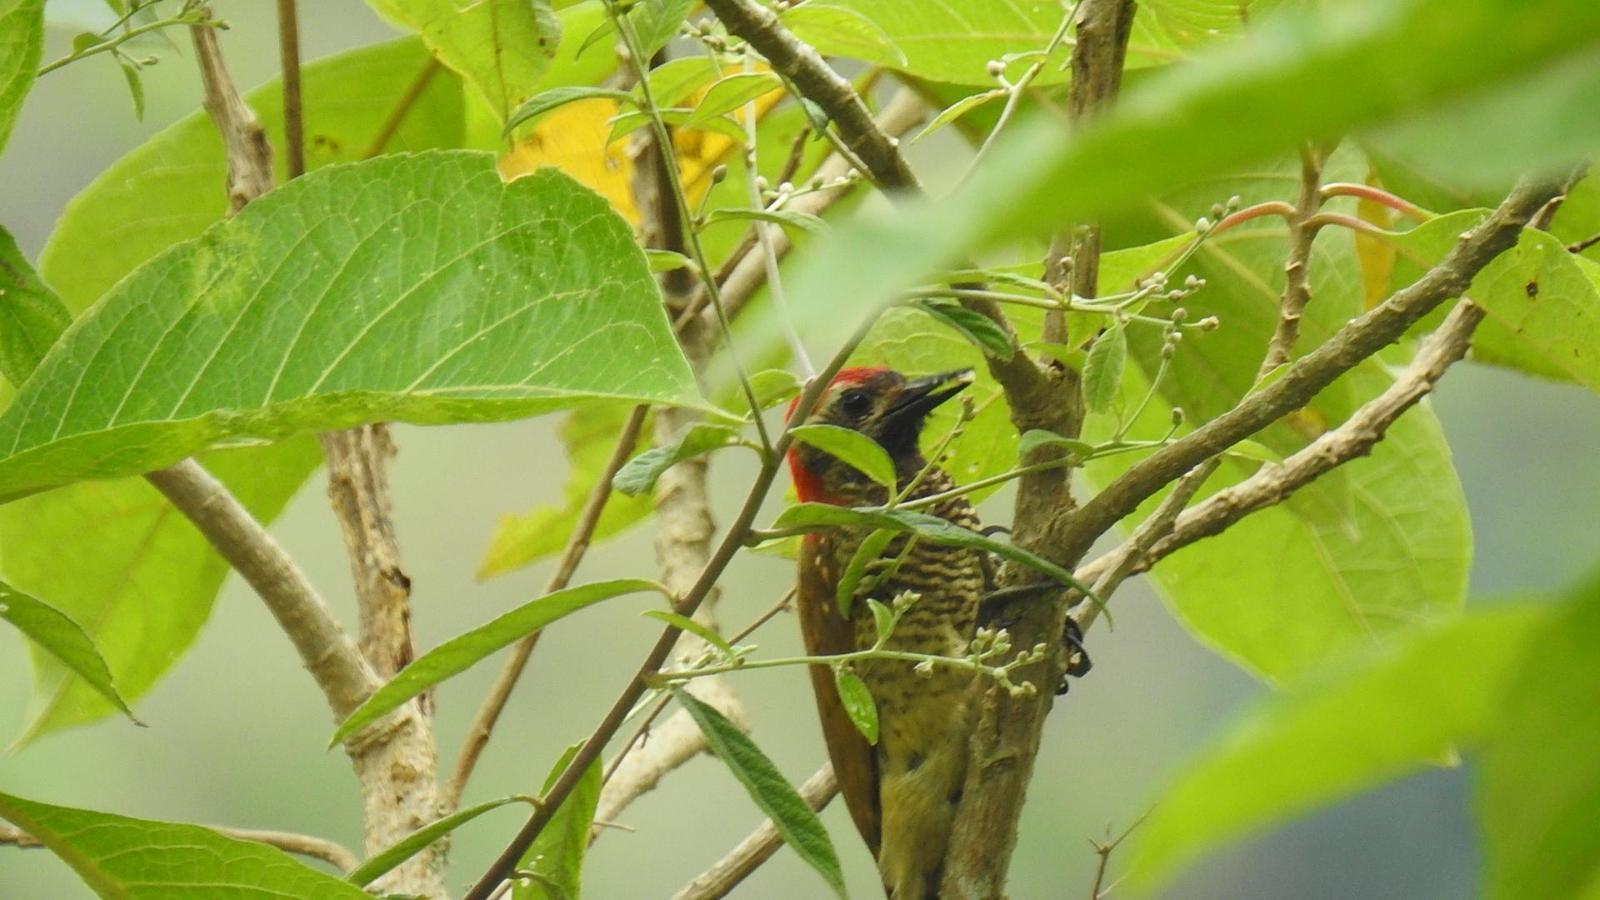 Yellow-vented Woodpecker Photo by Julio Delgado